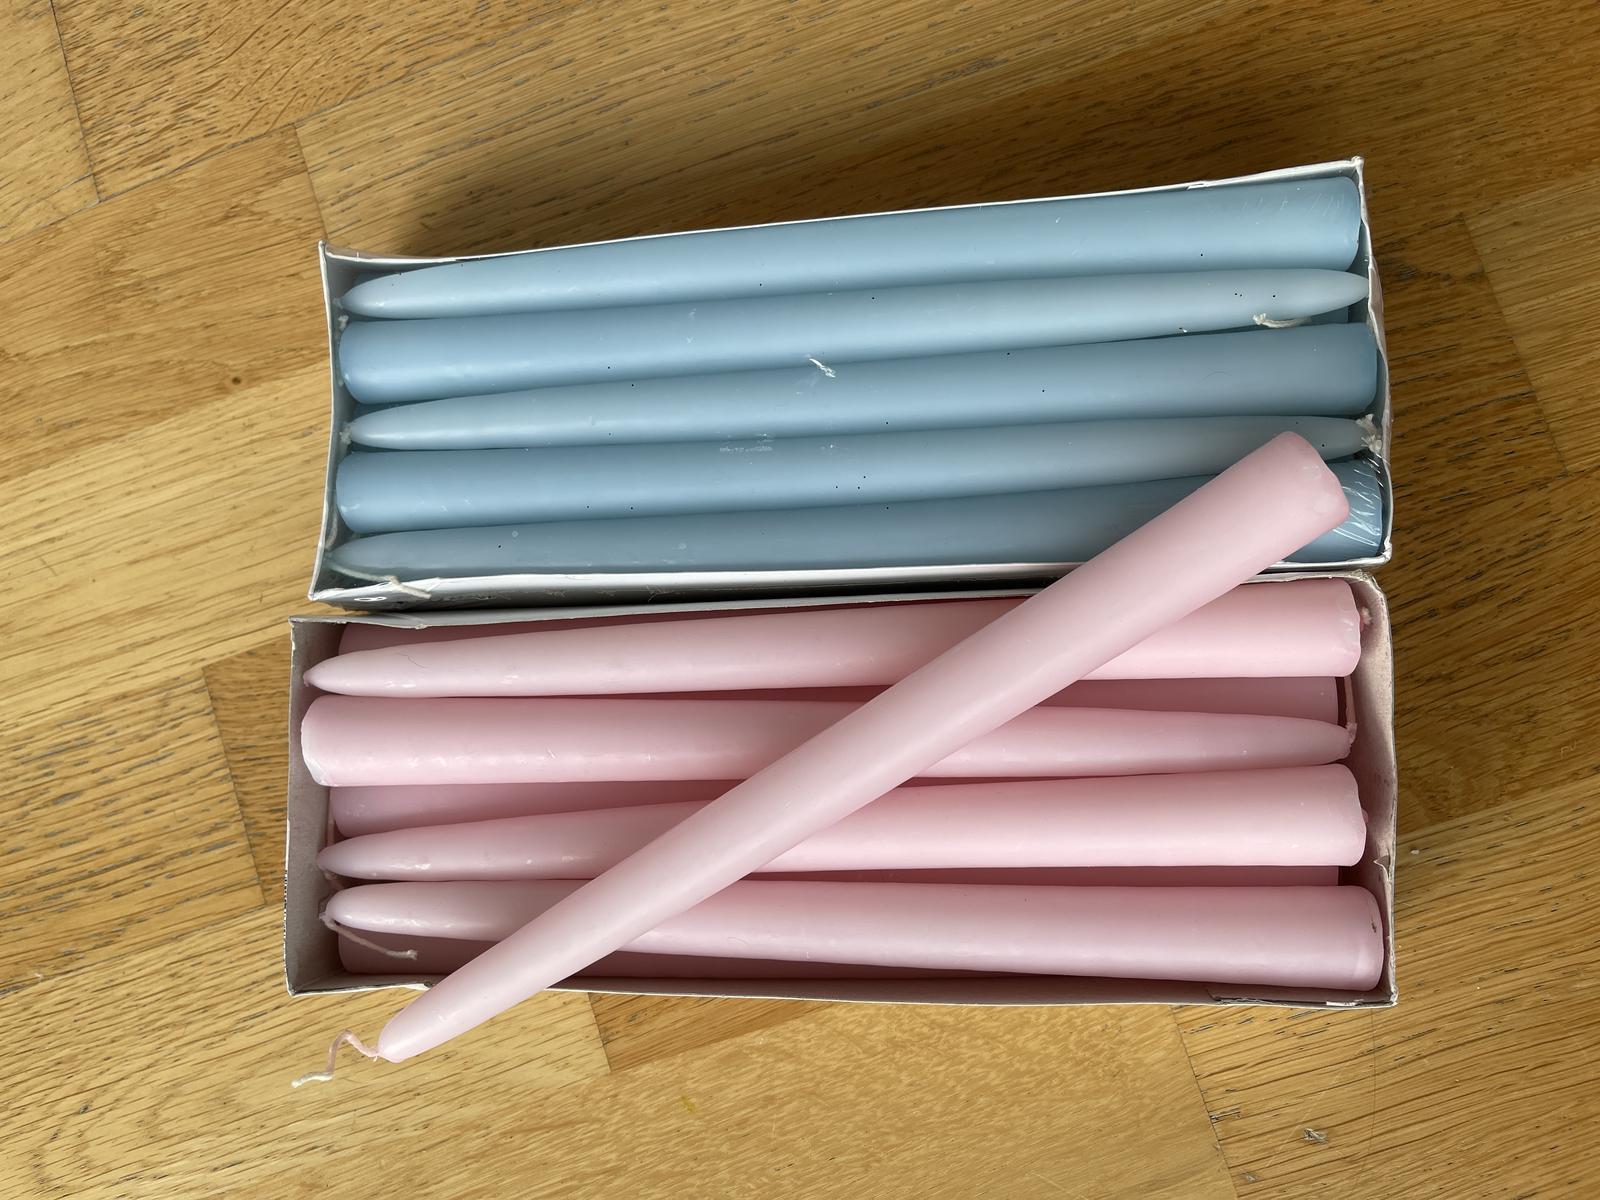 Kónické svíčky - nové - Obrázek č. 1